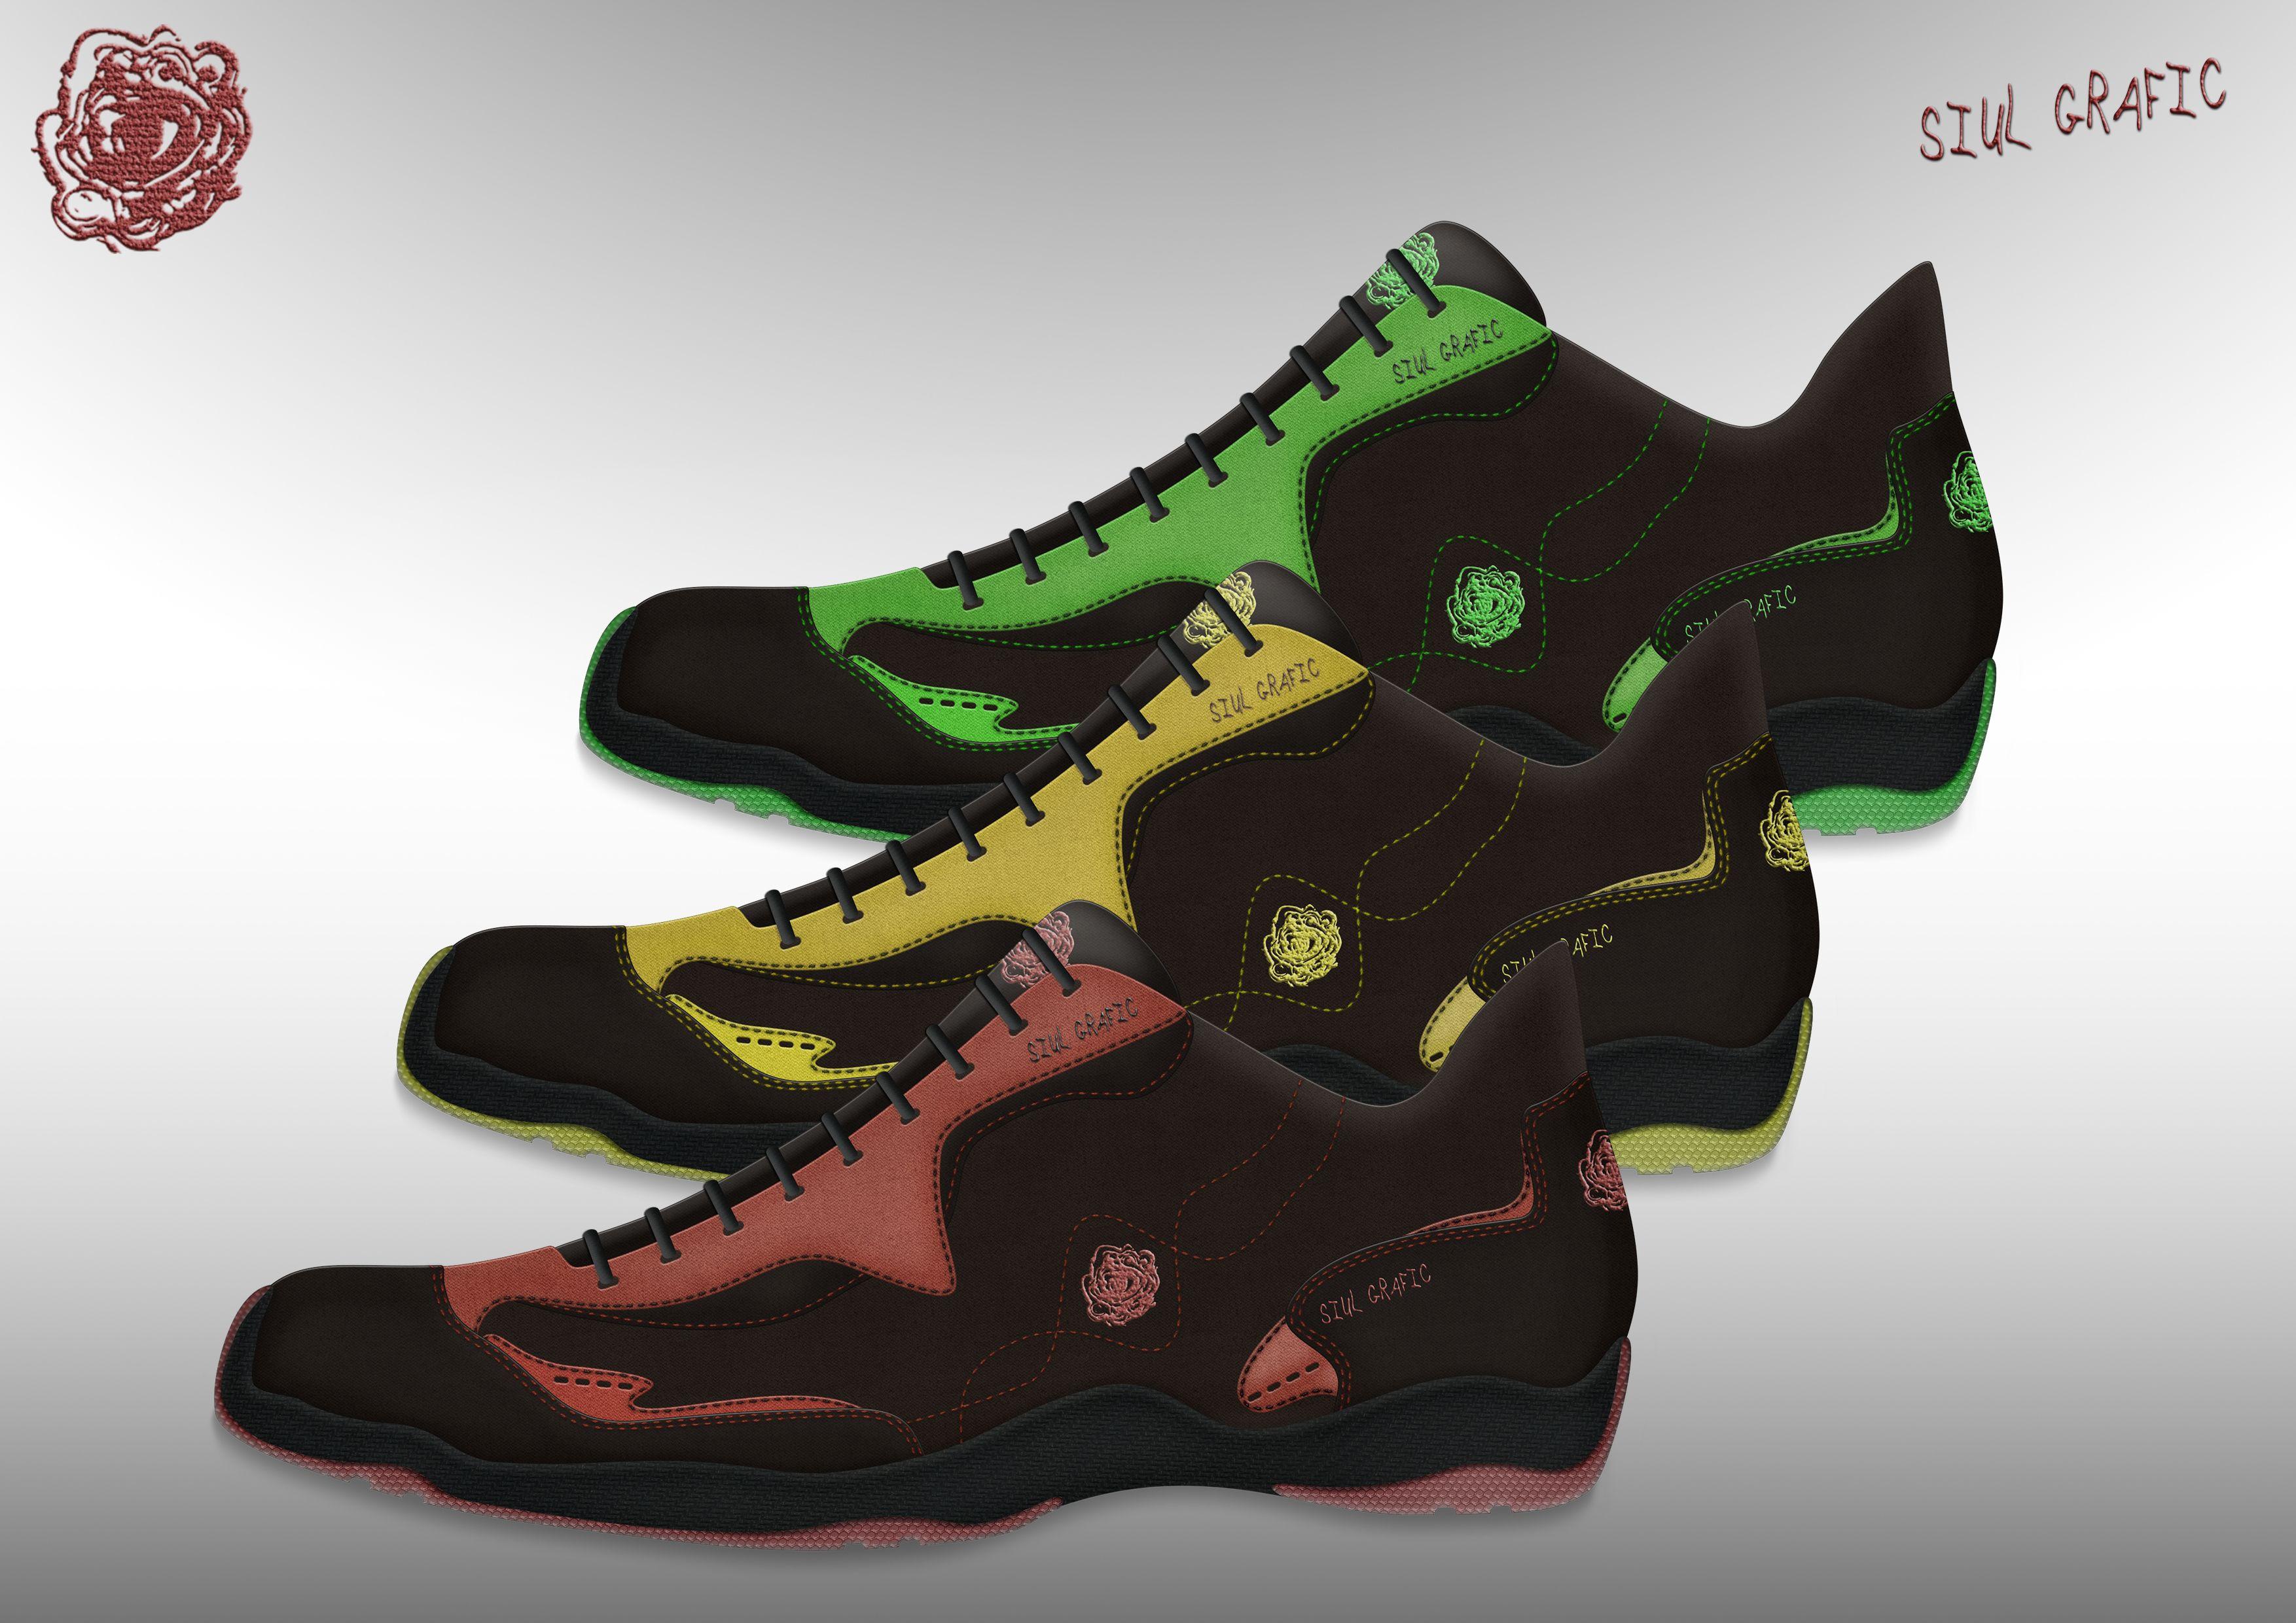 ed7cfba9 Mis Nuevos Diseños de Calzado Deportivo. | DISEÑADOR DE CALZADO ...